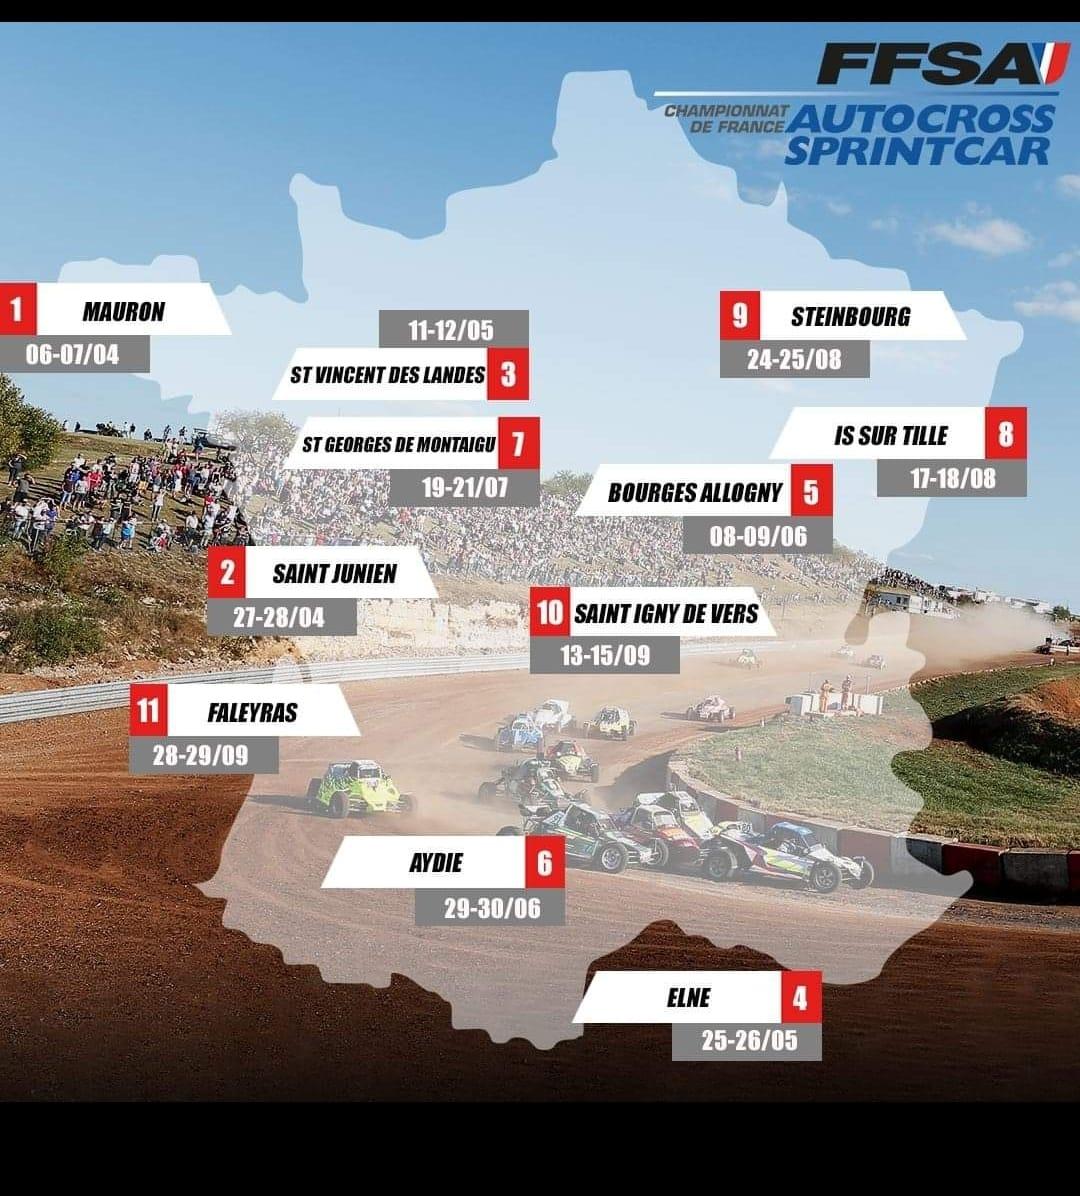 Calendrier RallyCross   Page 2 sur 6   Pilote de Course   Rallye